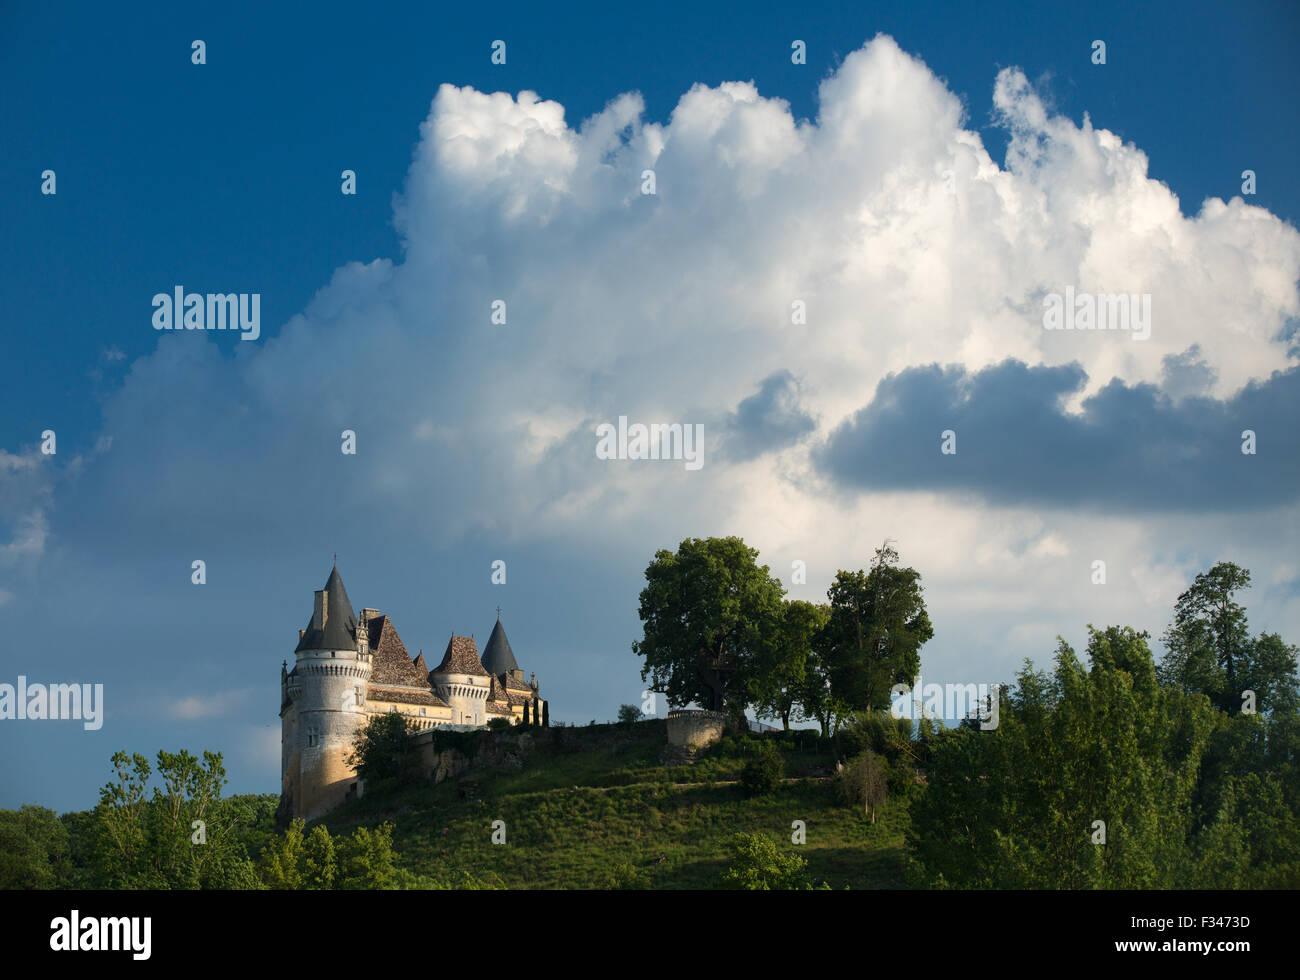 Chateau de Bayac, Pays de Bergerac, Périgord, Dordogne, Aquitaine, France - Stock Image